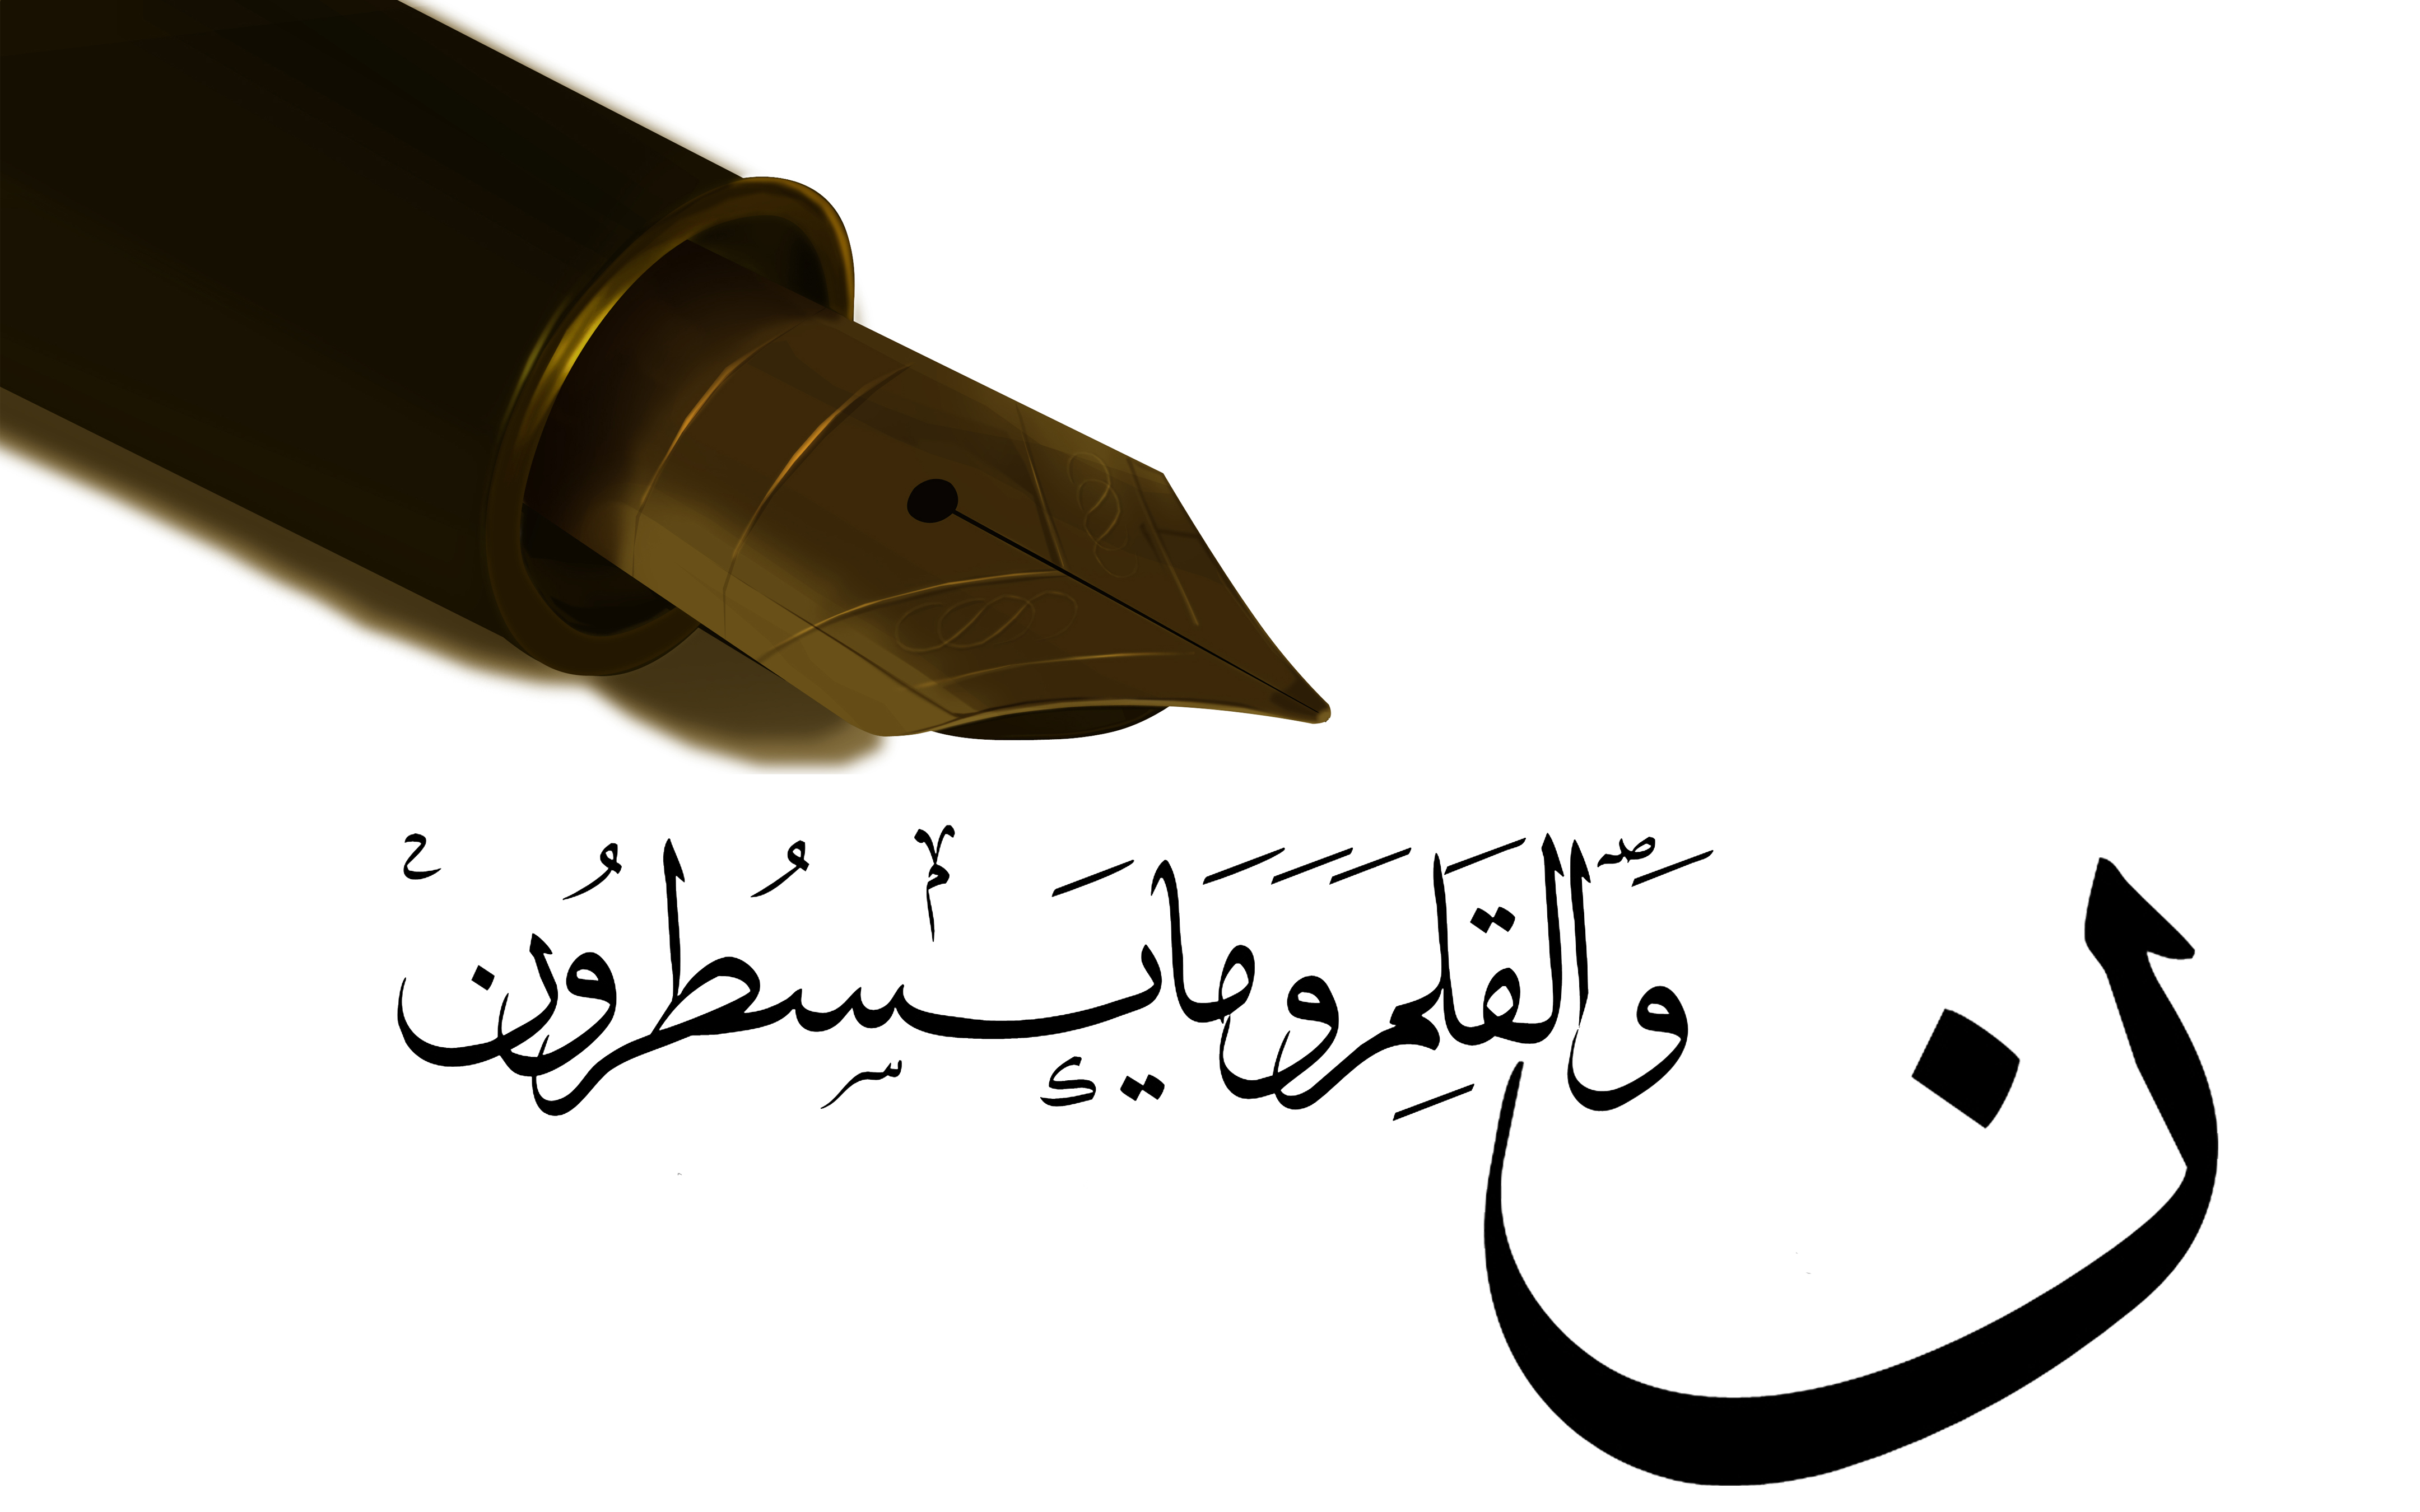 Arapça Metin Çözümleme 2